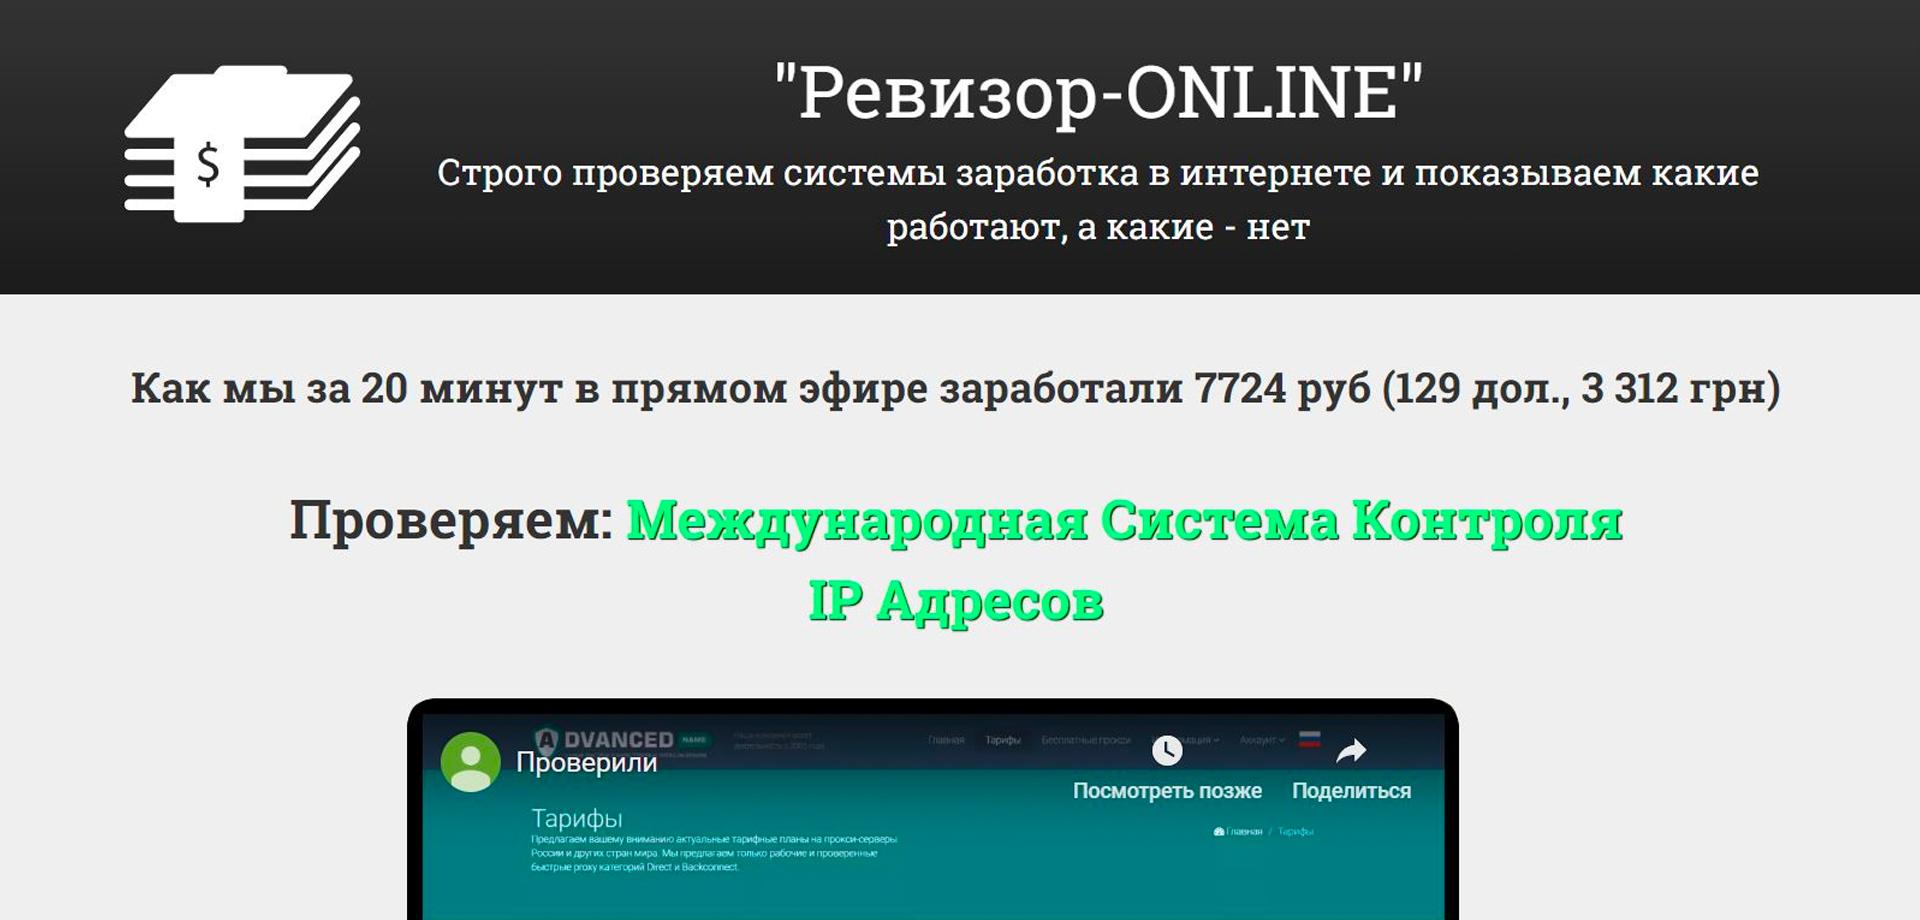 Шахрайський сайт, що пропонує заробіток за допомогою Міжнародної Системи Контролю IP-адрес